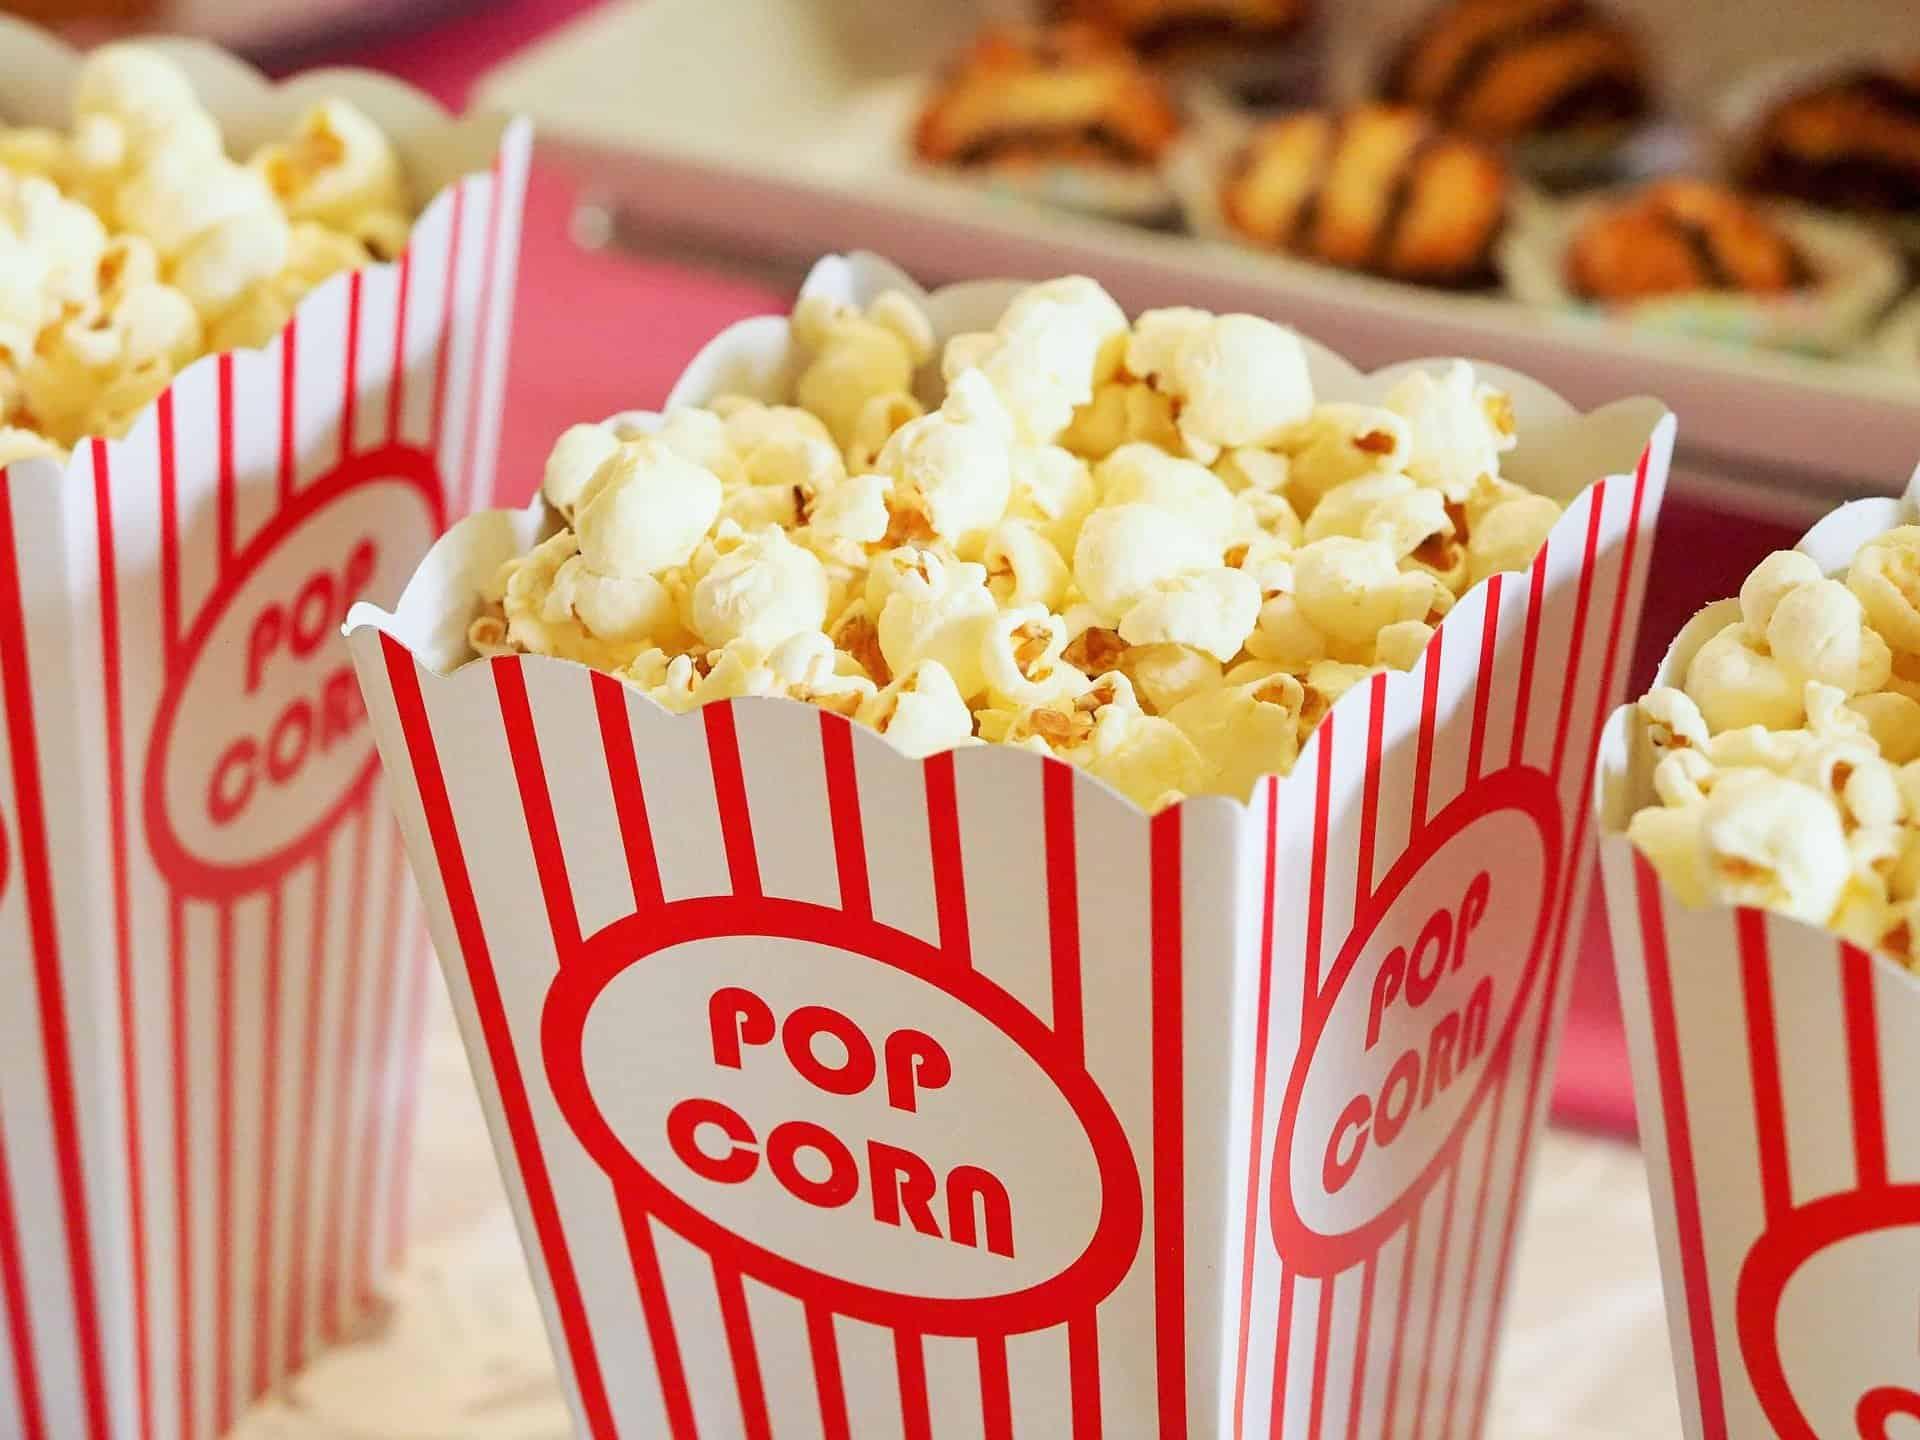 Marella Discovery popcorn